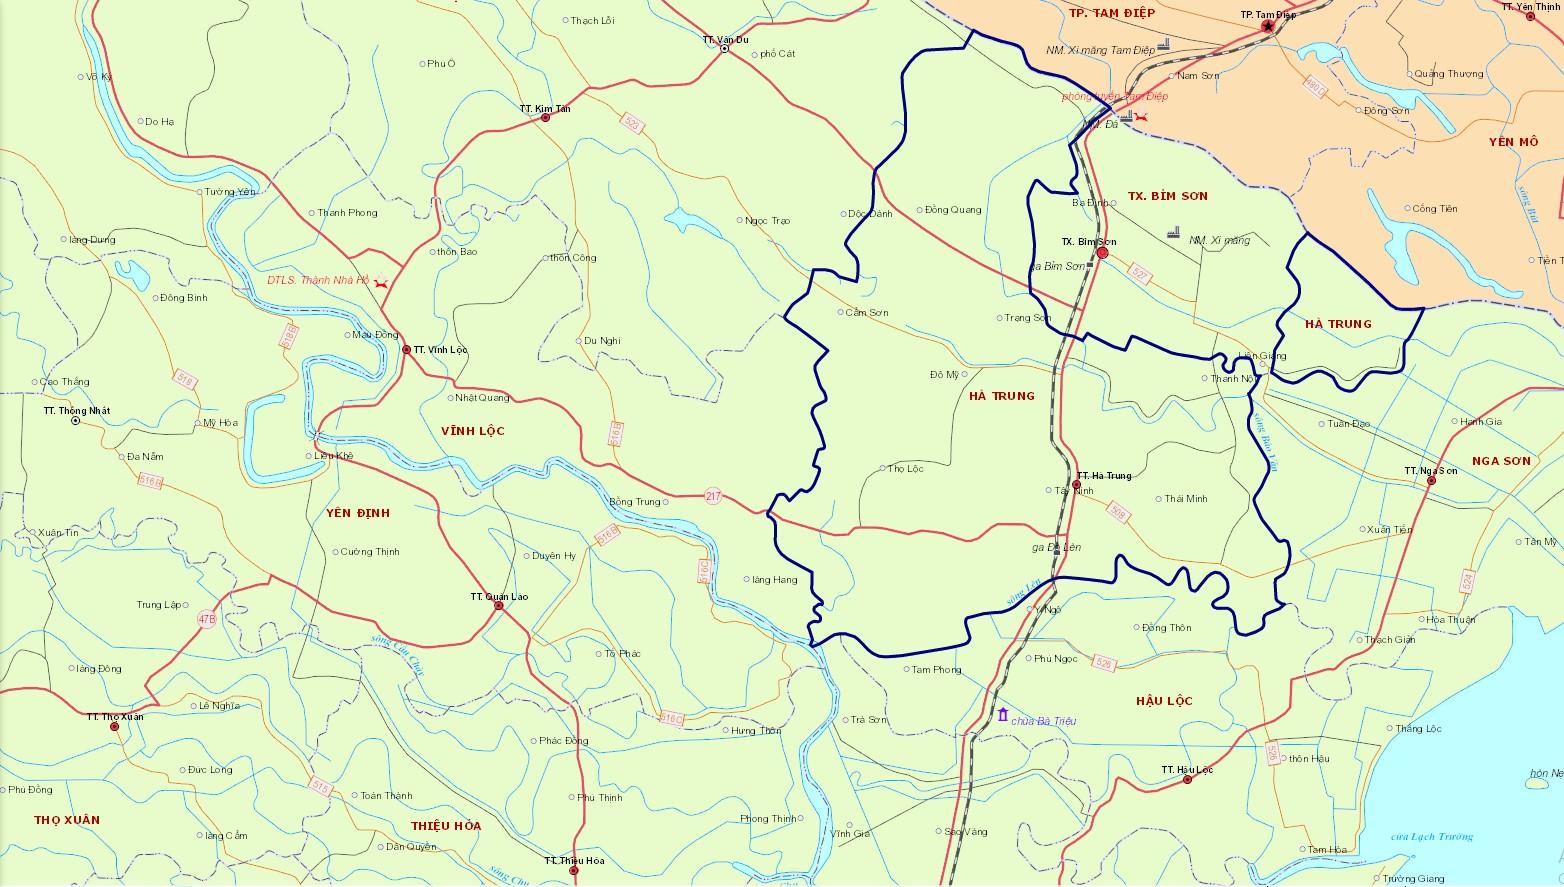 Bản đồ hành chính huyện Hà Trung